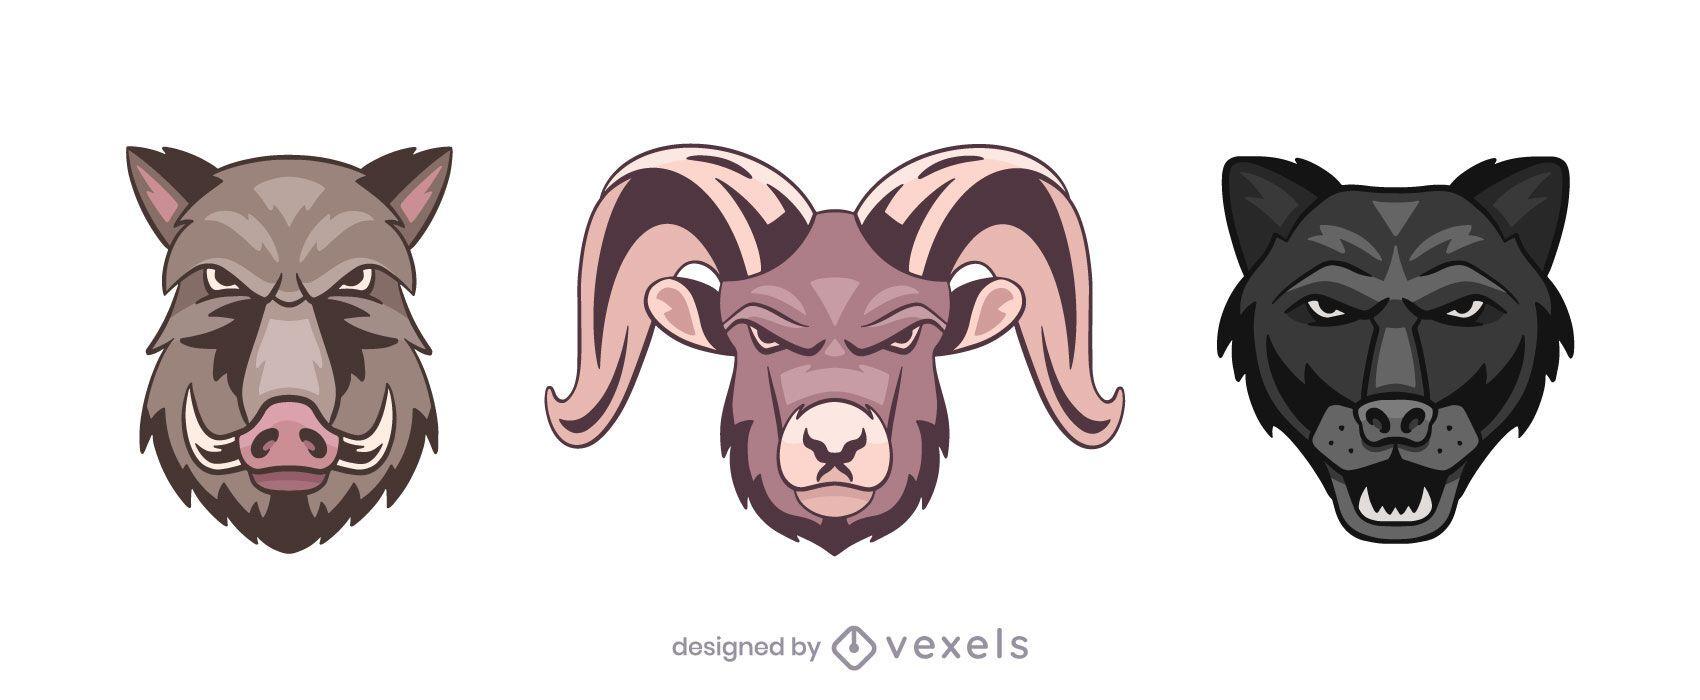 Boar ram panther logo illustration set